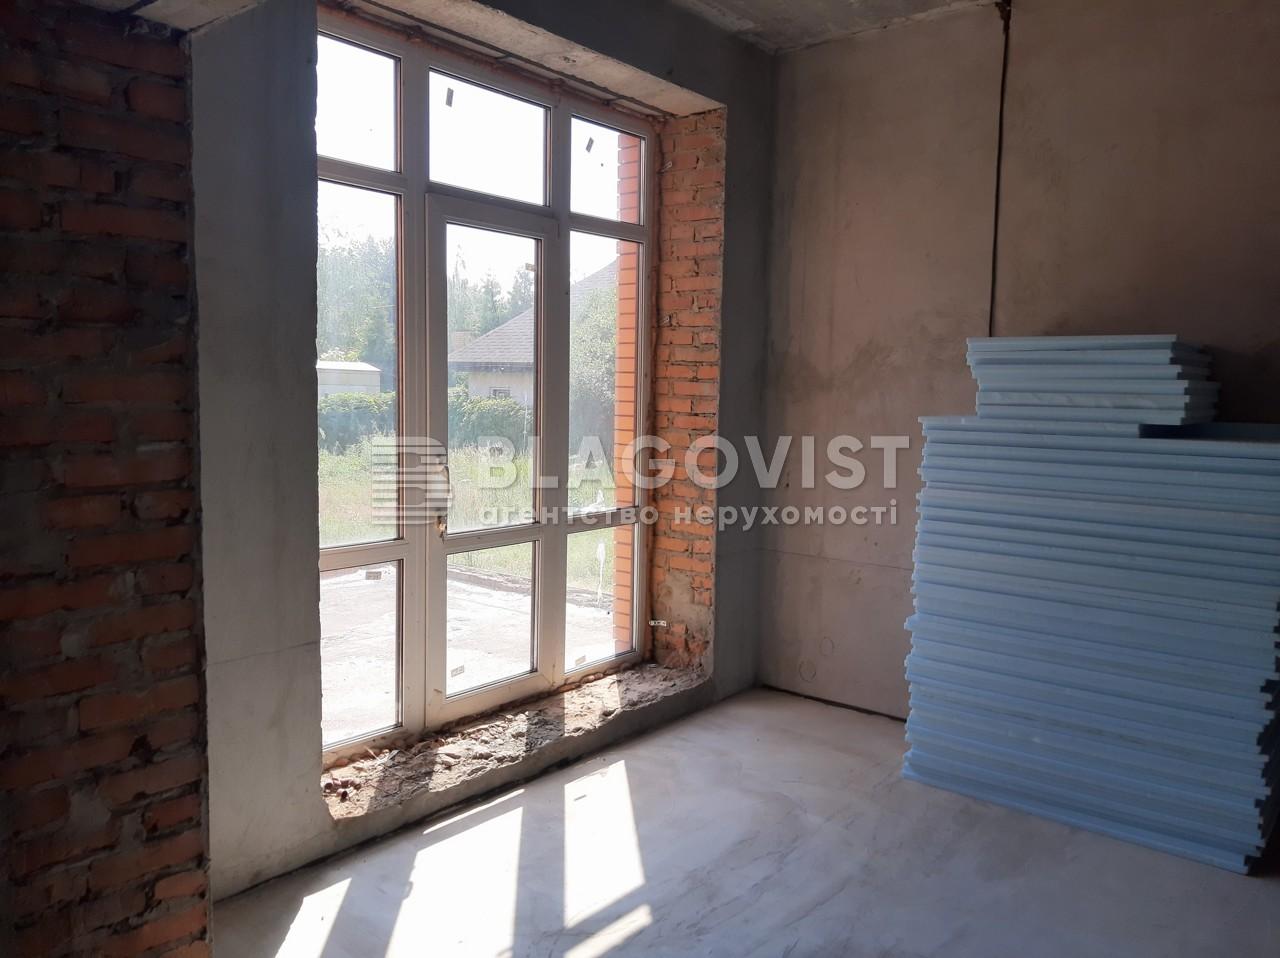 Дом R-10406, Набережная, Вишенки - Фото 3